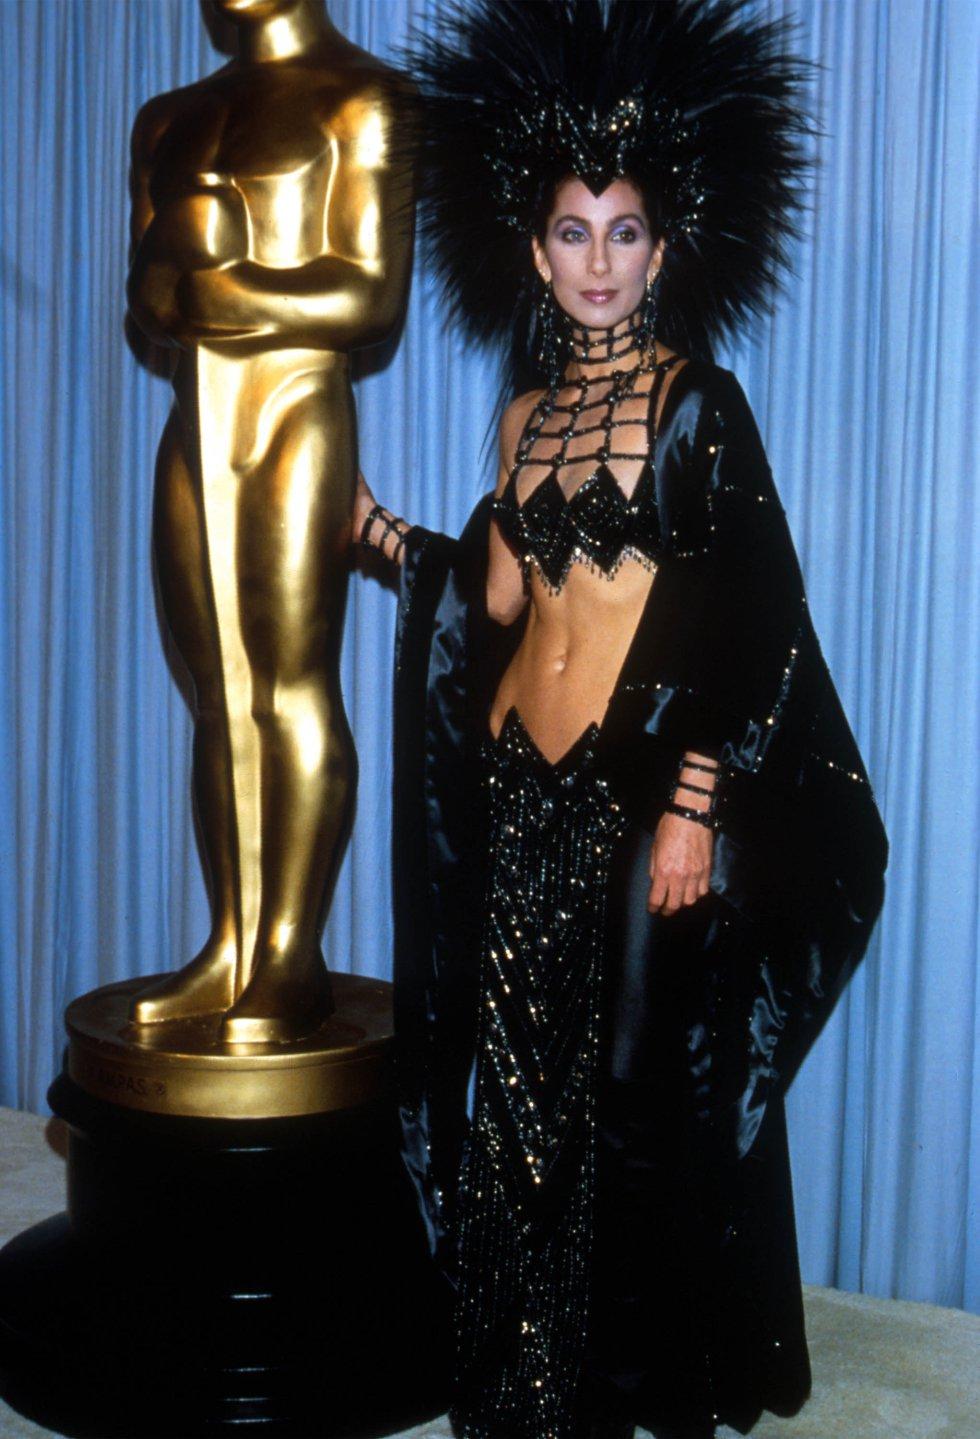 """Acudió a la gala de los Oscar con este particular 'look' en 1986. """"No fui nominada por 'Mask' (1985). Alguien me dijo que era porque la Academia no me toma en serio porque no visto de manera seria. Así que ese año decidí ponerme una gran cresta"""", contó a la prensa."""